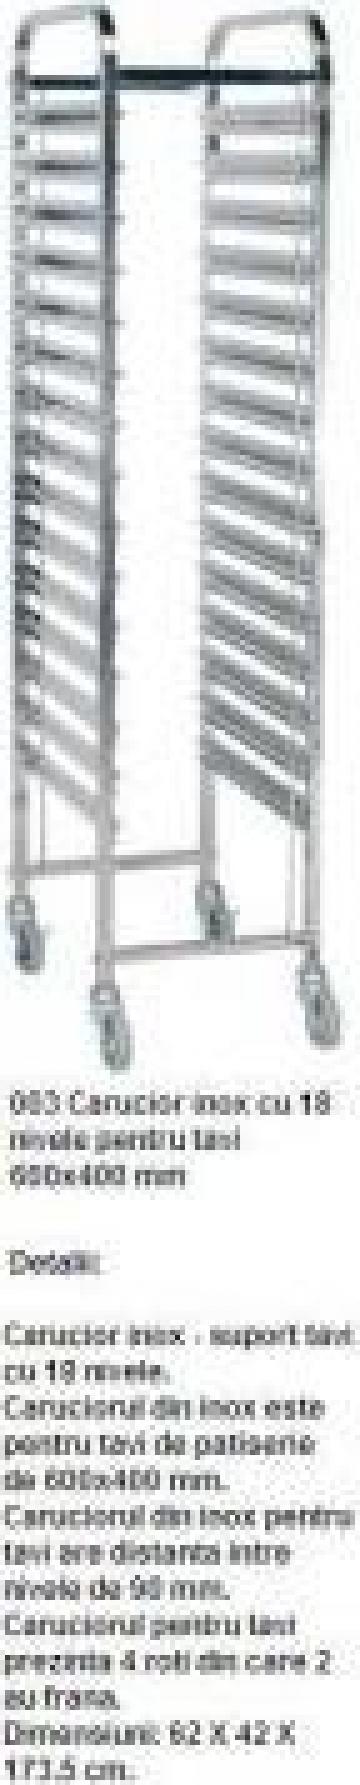 Carucior inox cu 18 nivele pentru tavi de la Inox Production Line